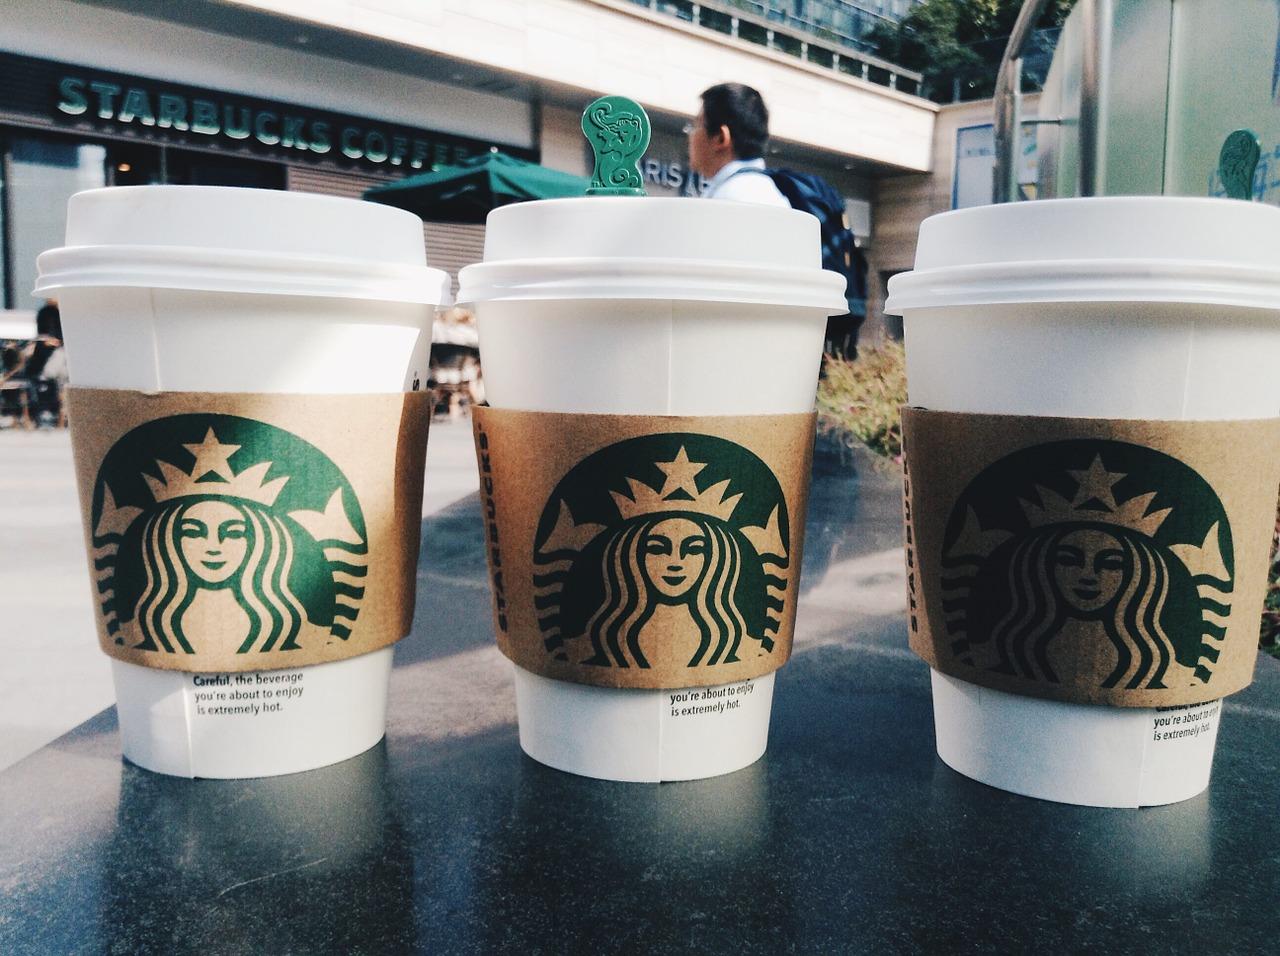 Starbucks opening in Slovakia